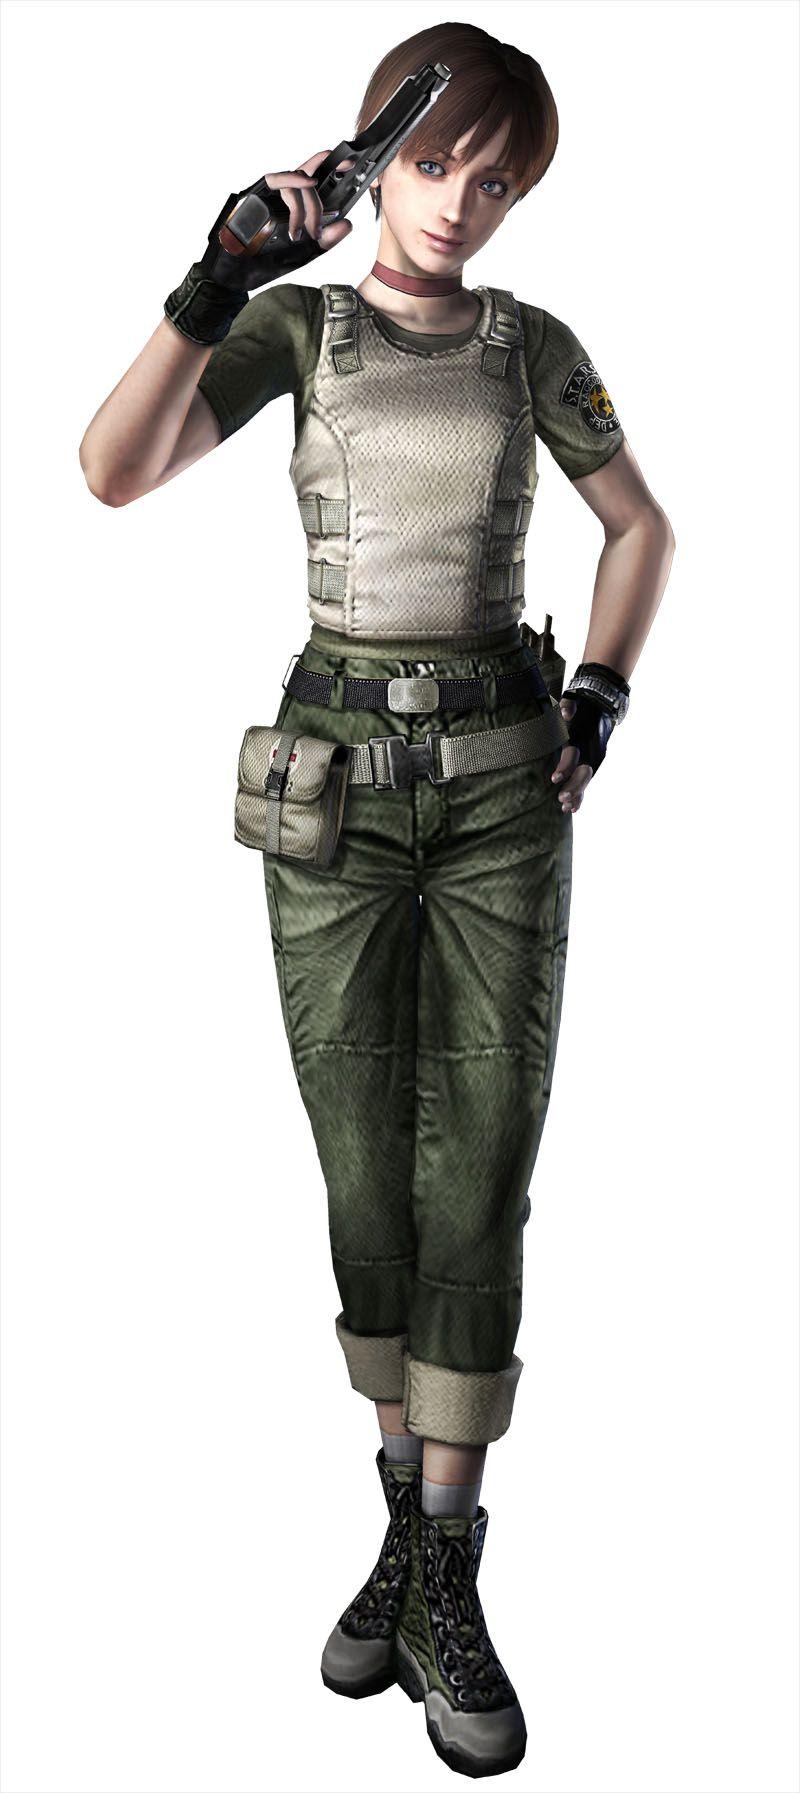 Resident Evil Zero Hd Remaster 2016 Resident Evil Resident